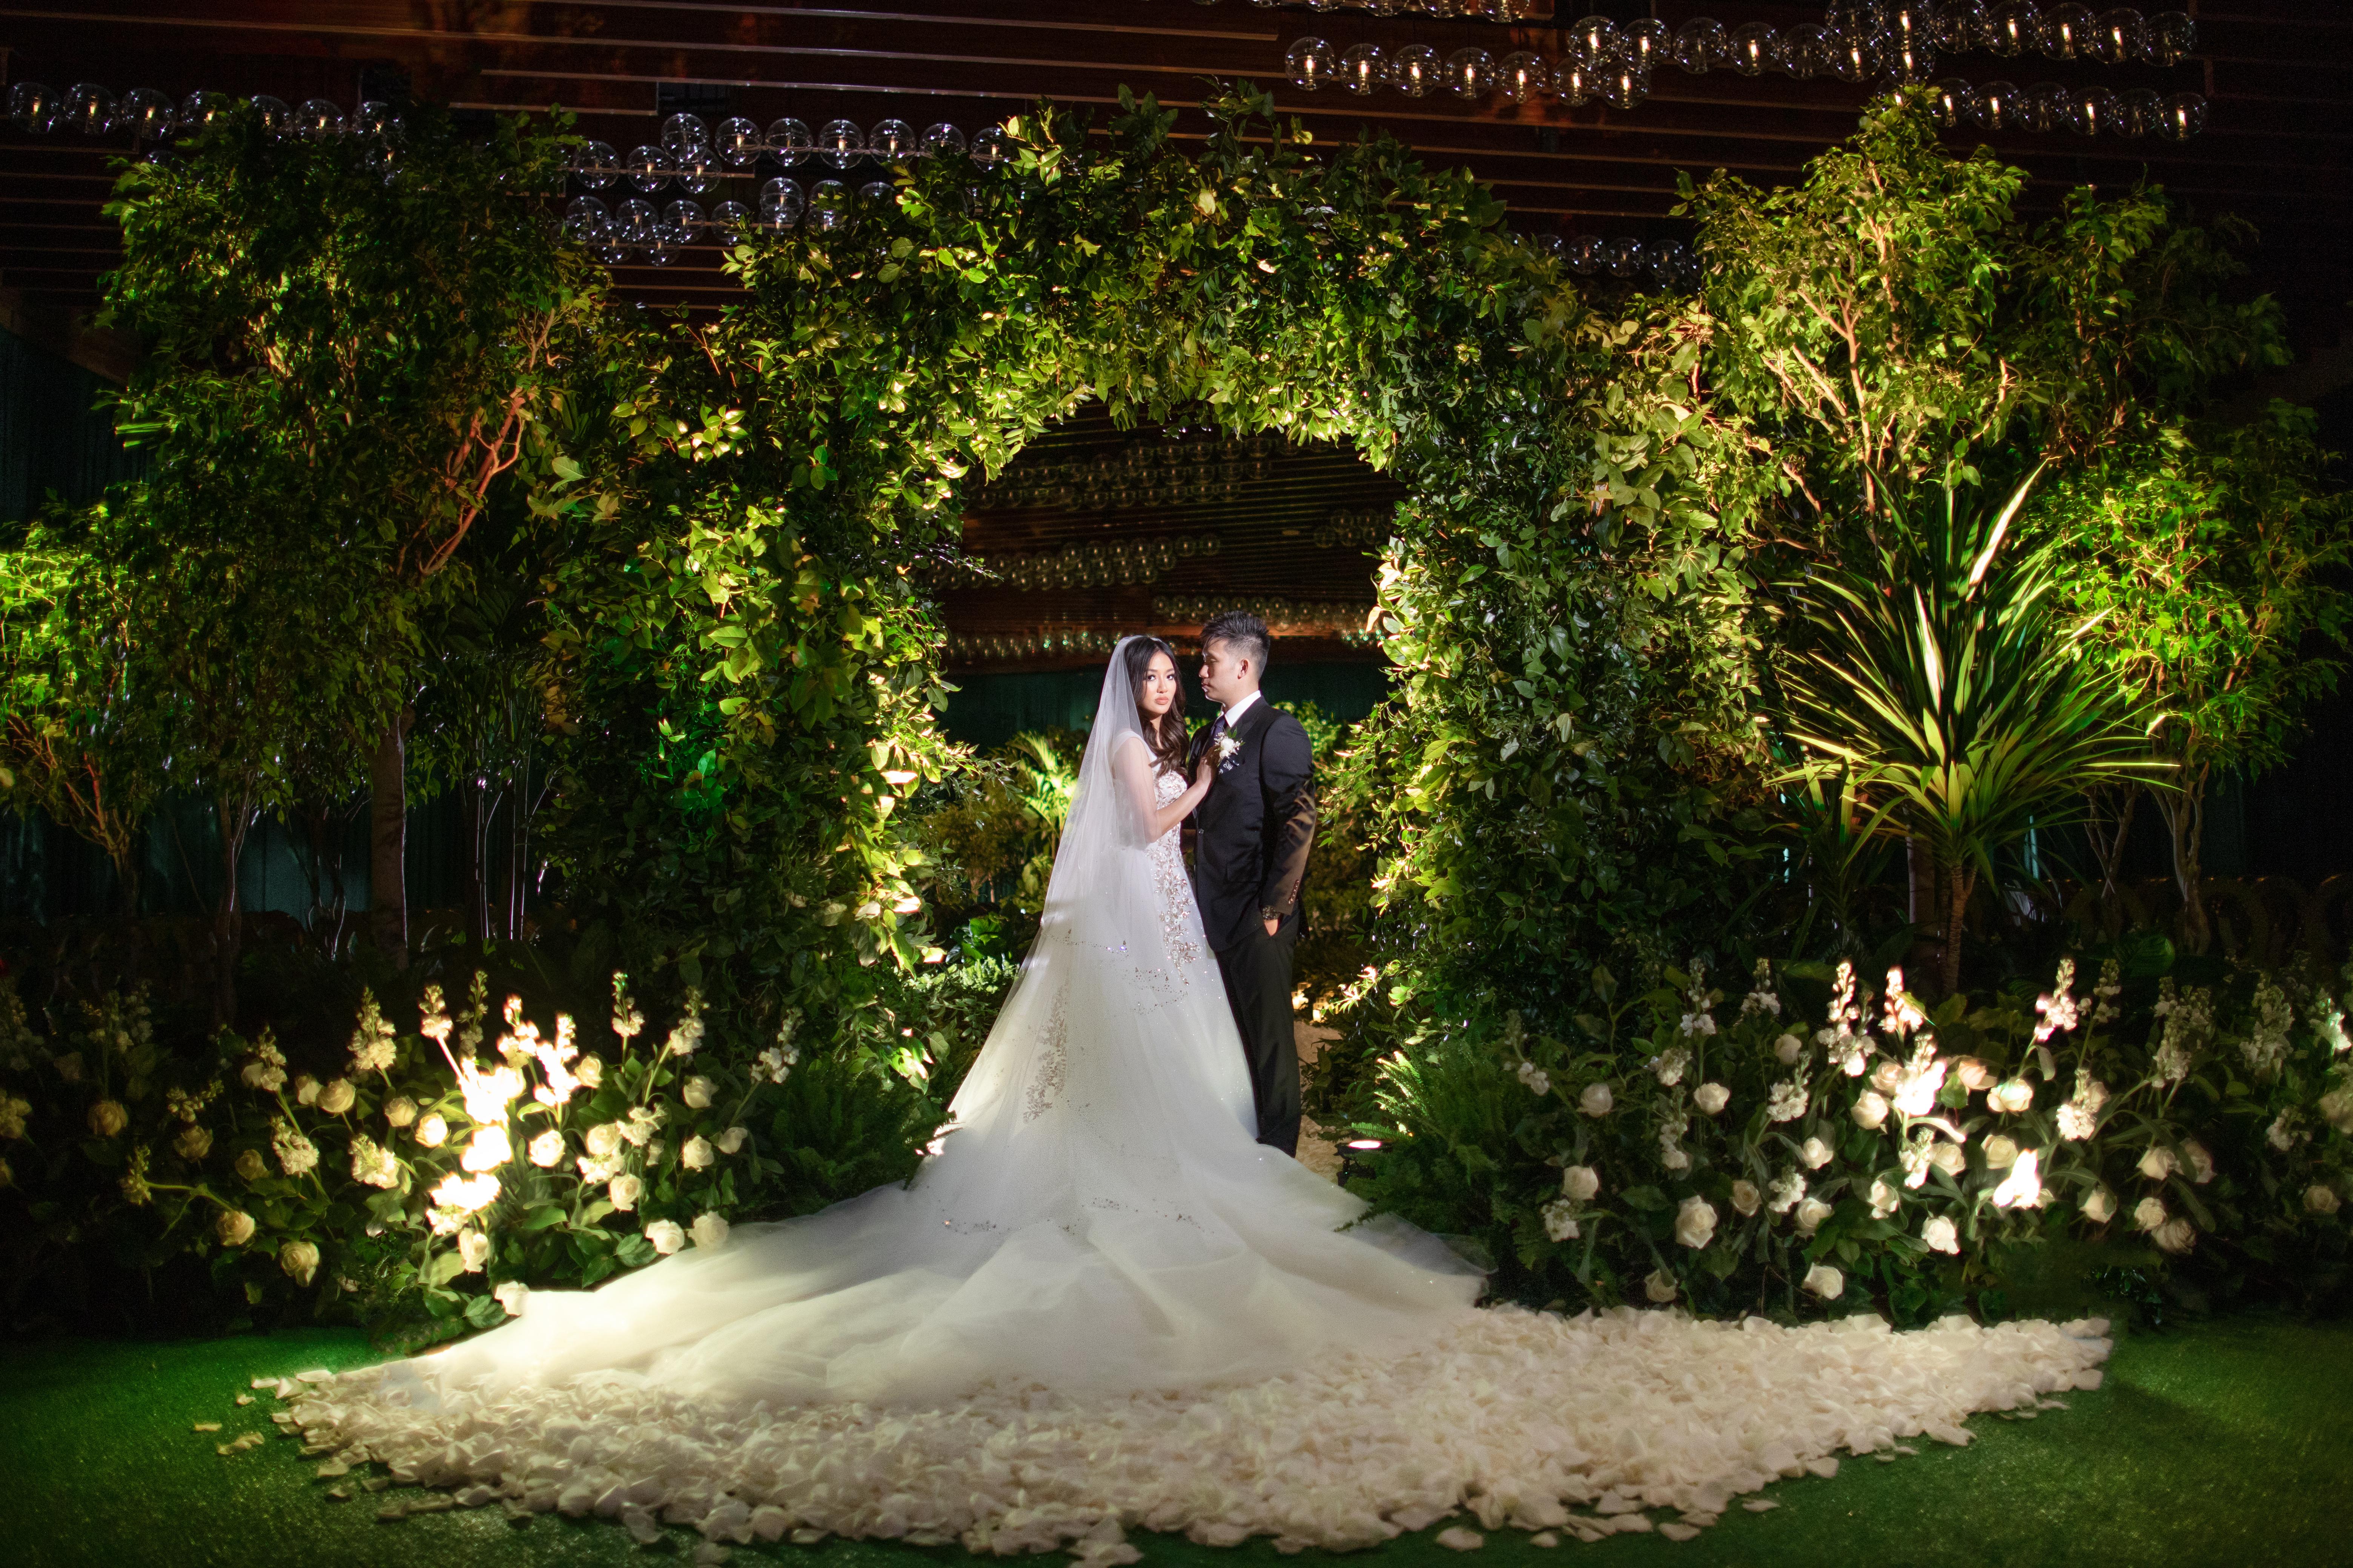 Theresa Jeff S Wedding At Aria Resort In Las Vegas